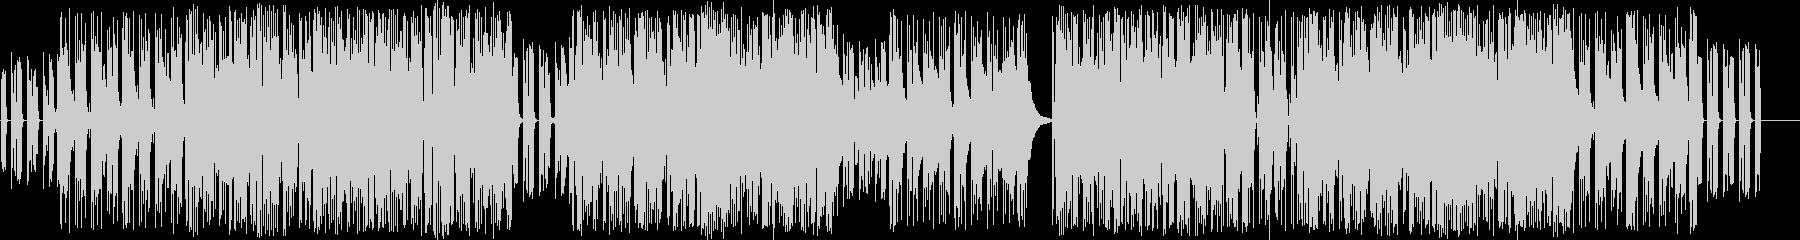 アコギが織り成すメロウRAP TUNEの未再生の波形